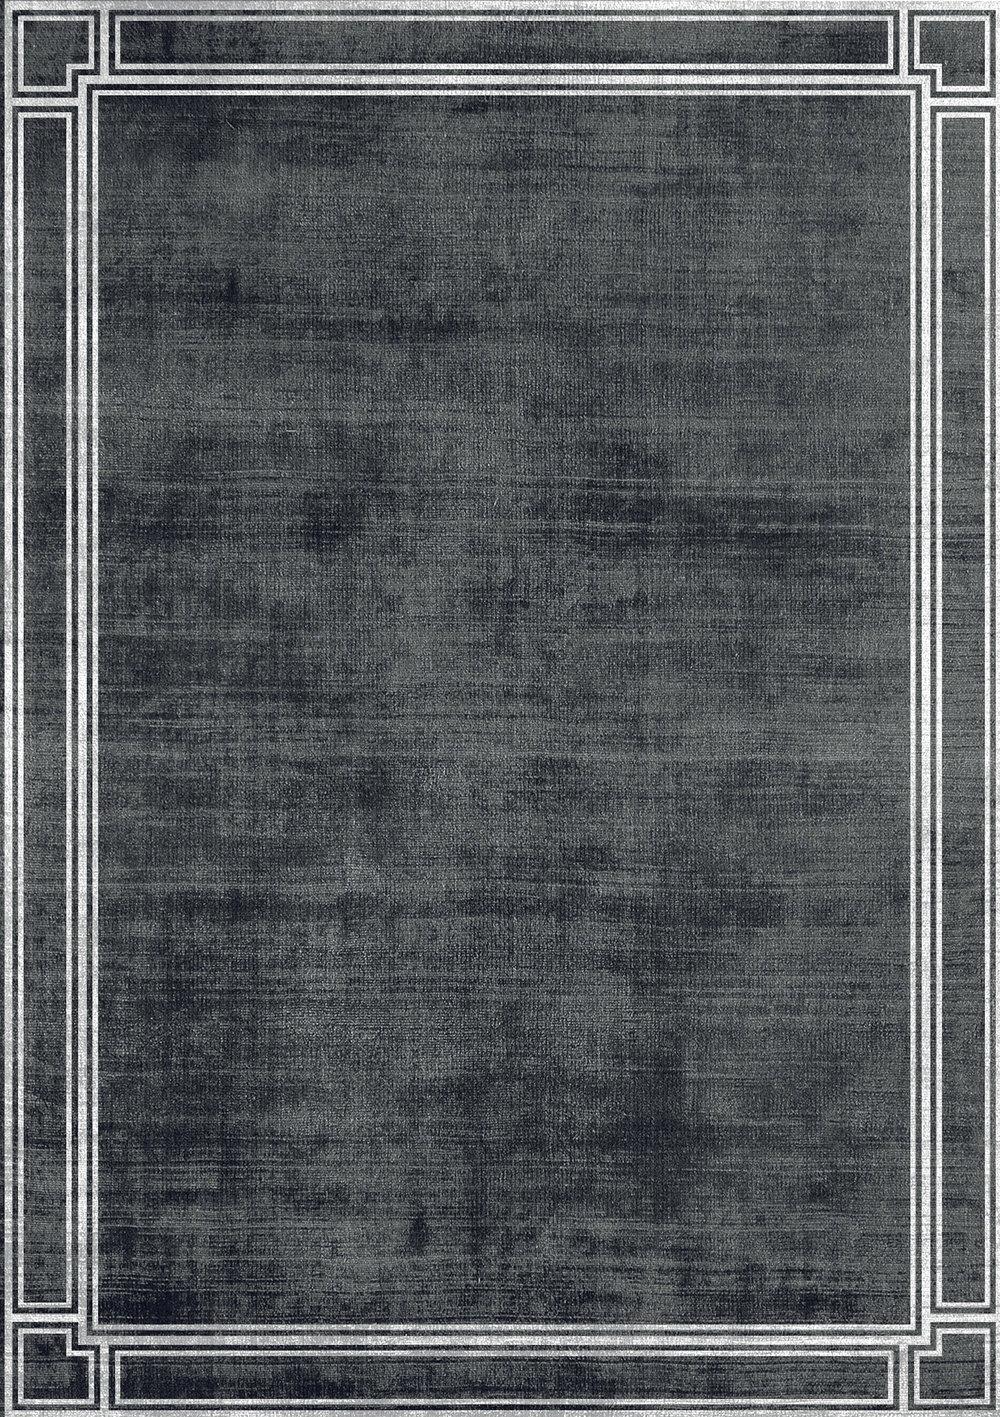 Copy of ATENE BLACK